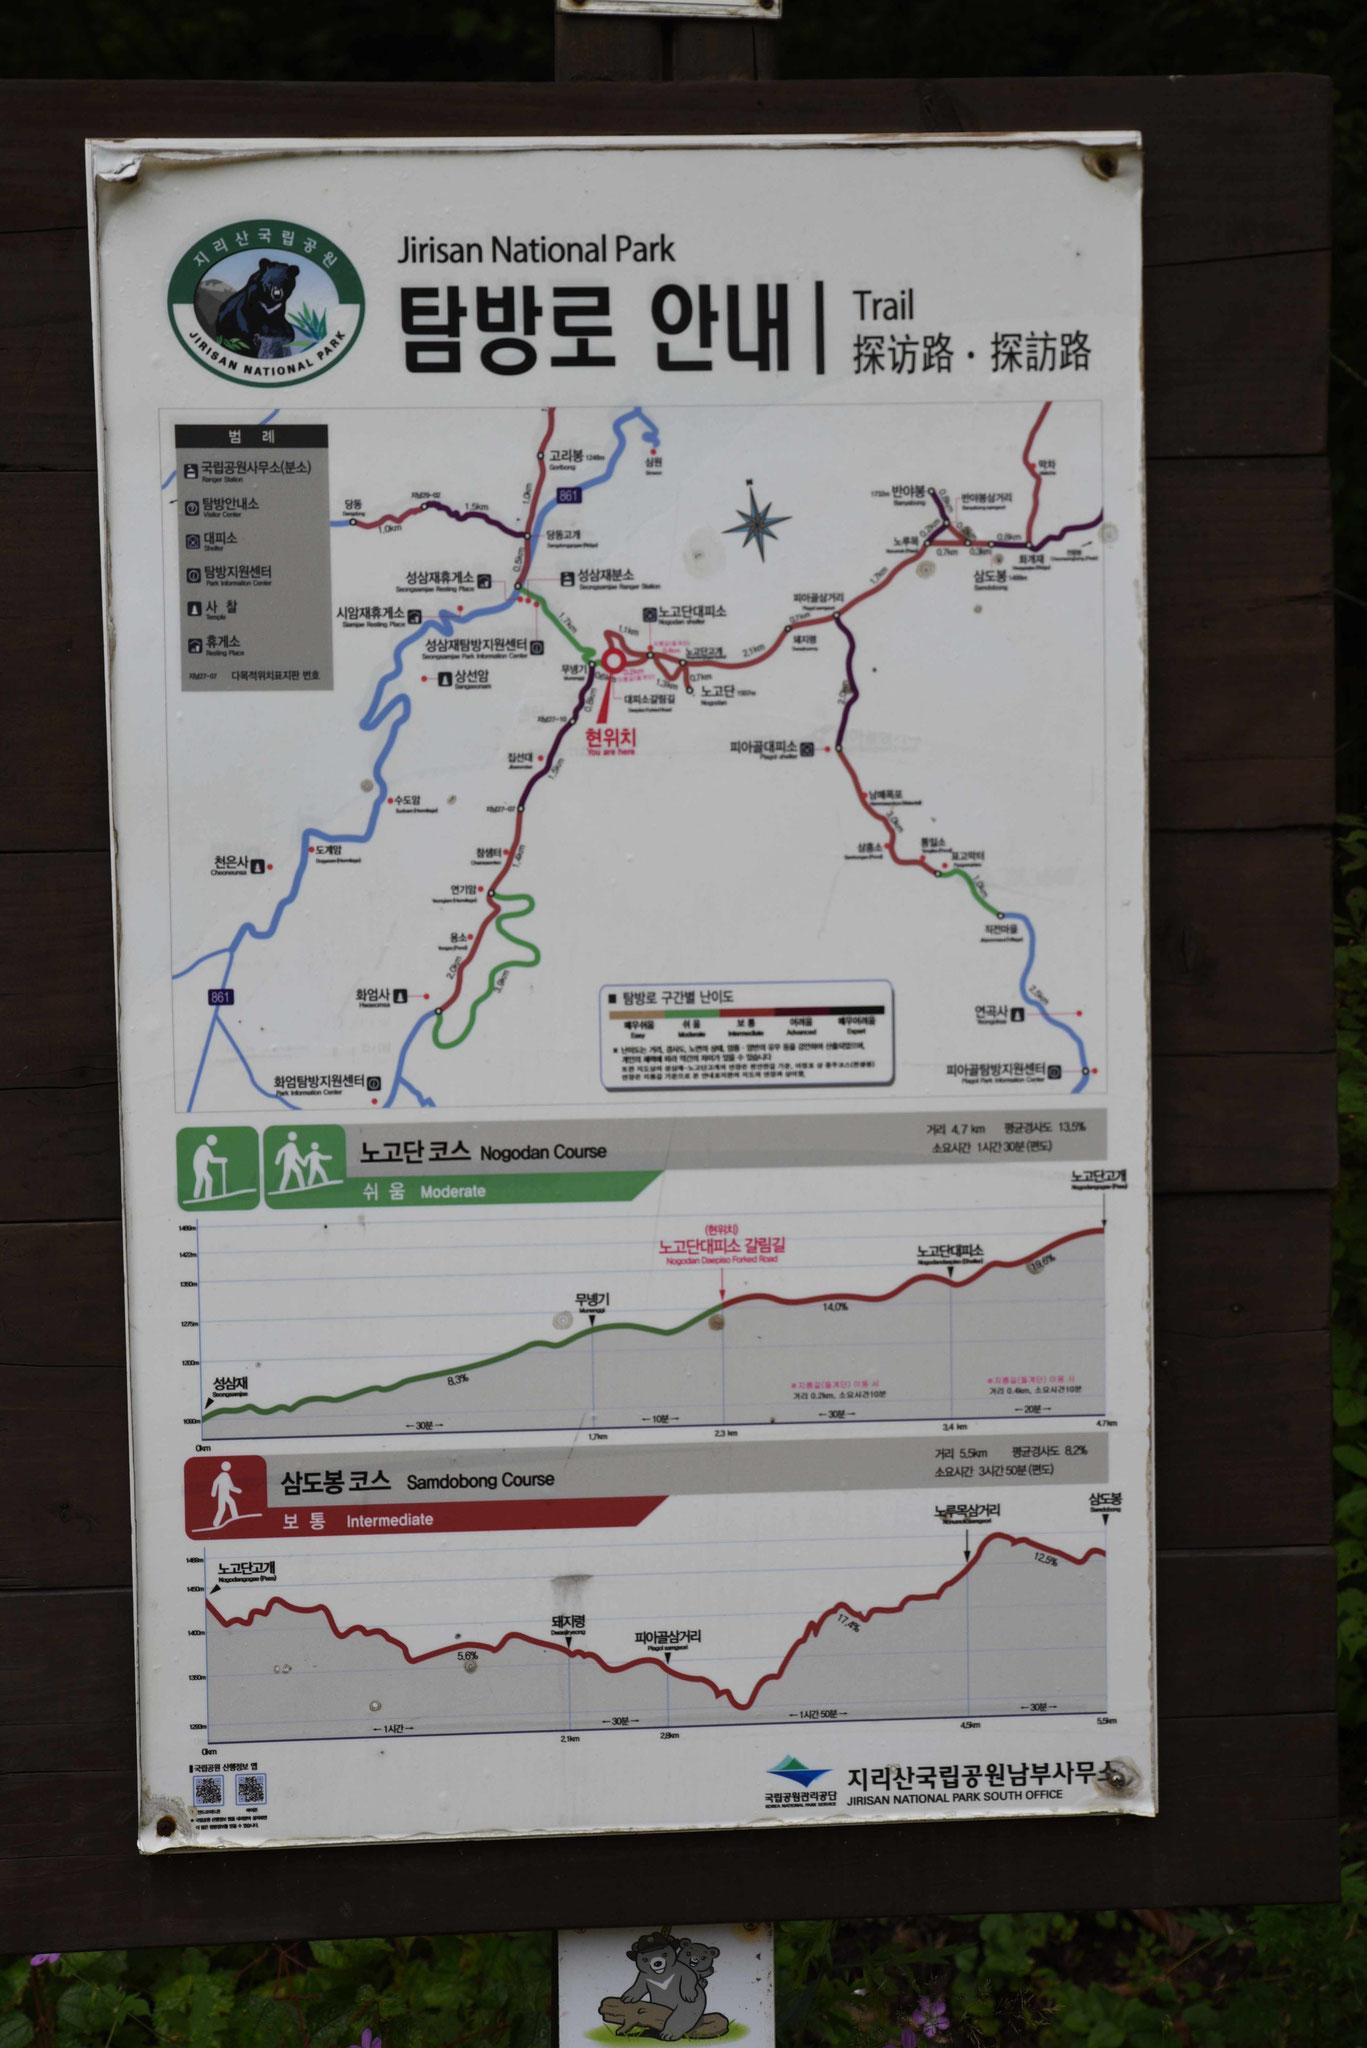 Welche Route zum Wandern wohl die  richtige ist?